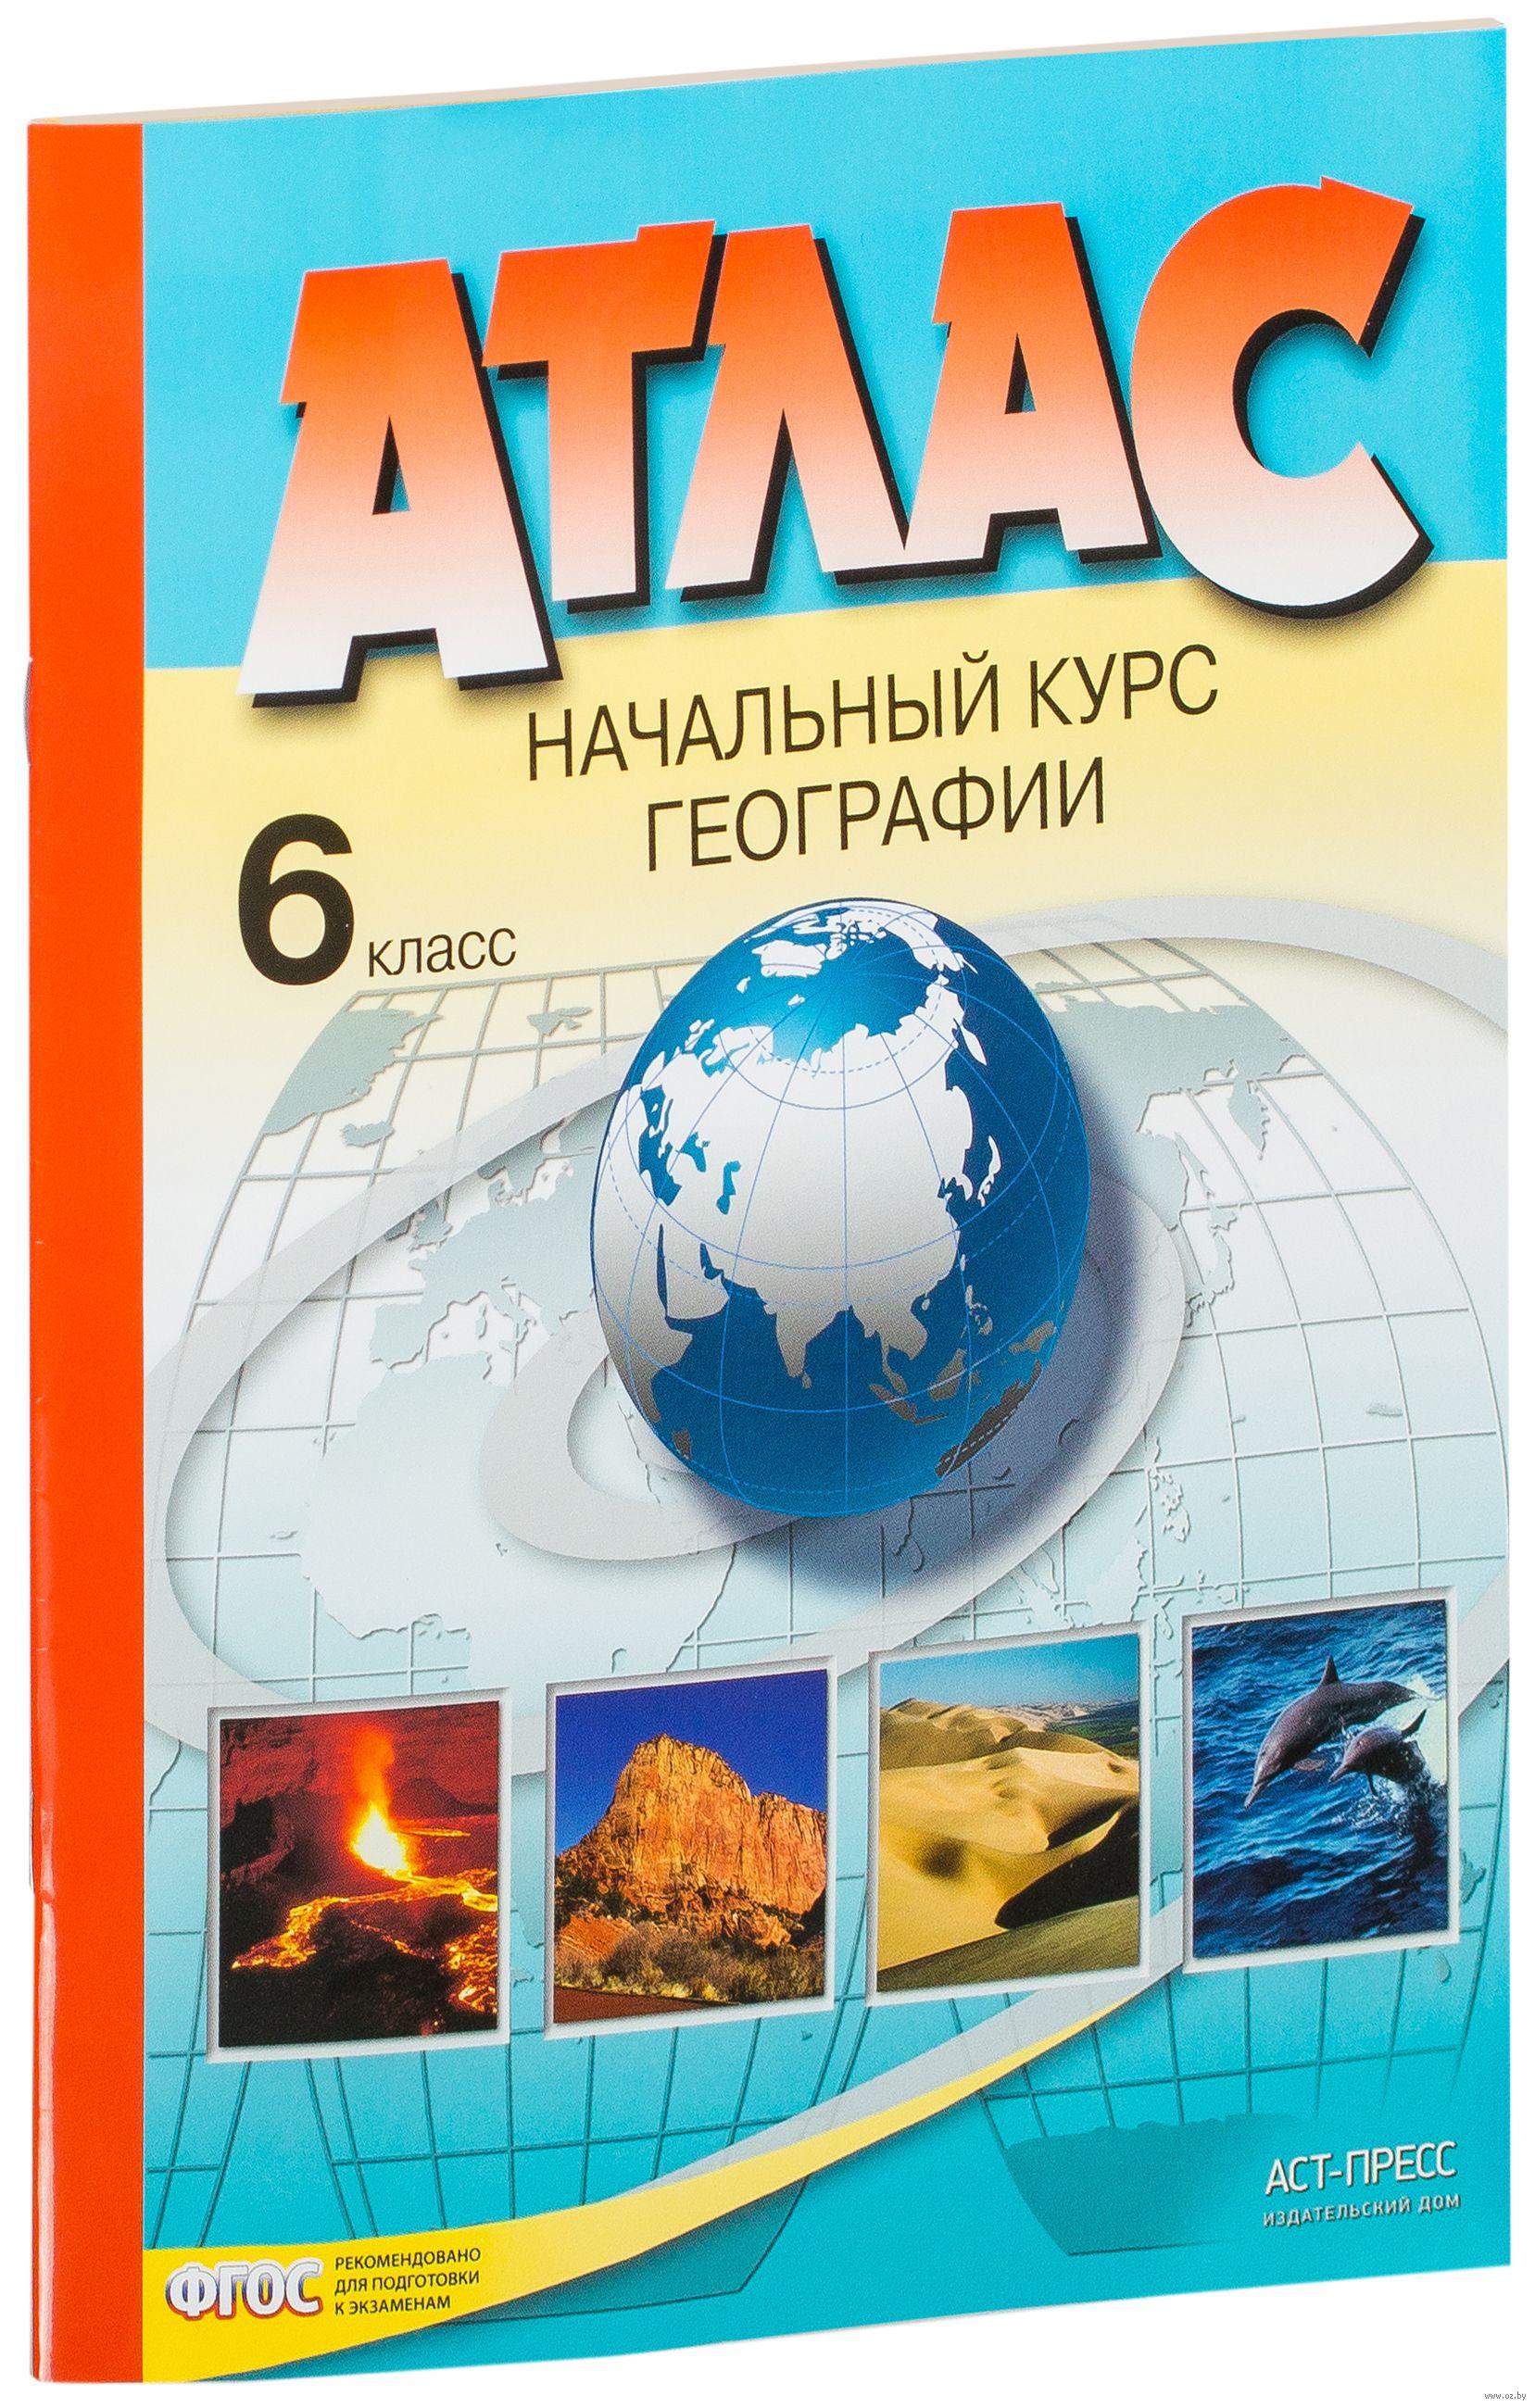 гдз по географии 6 класс атлас начальный курс географии душина летягин